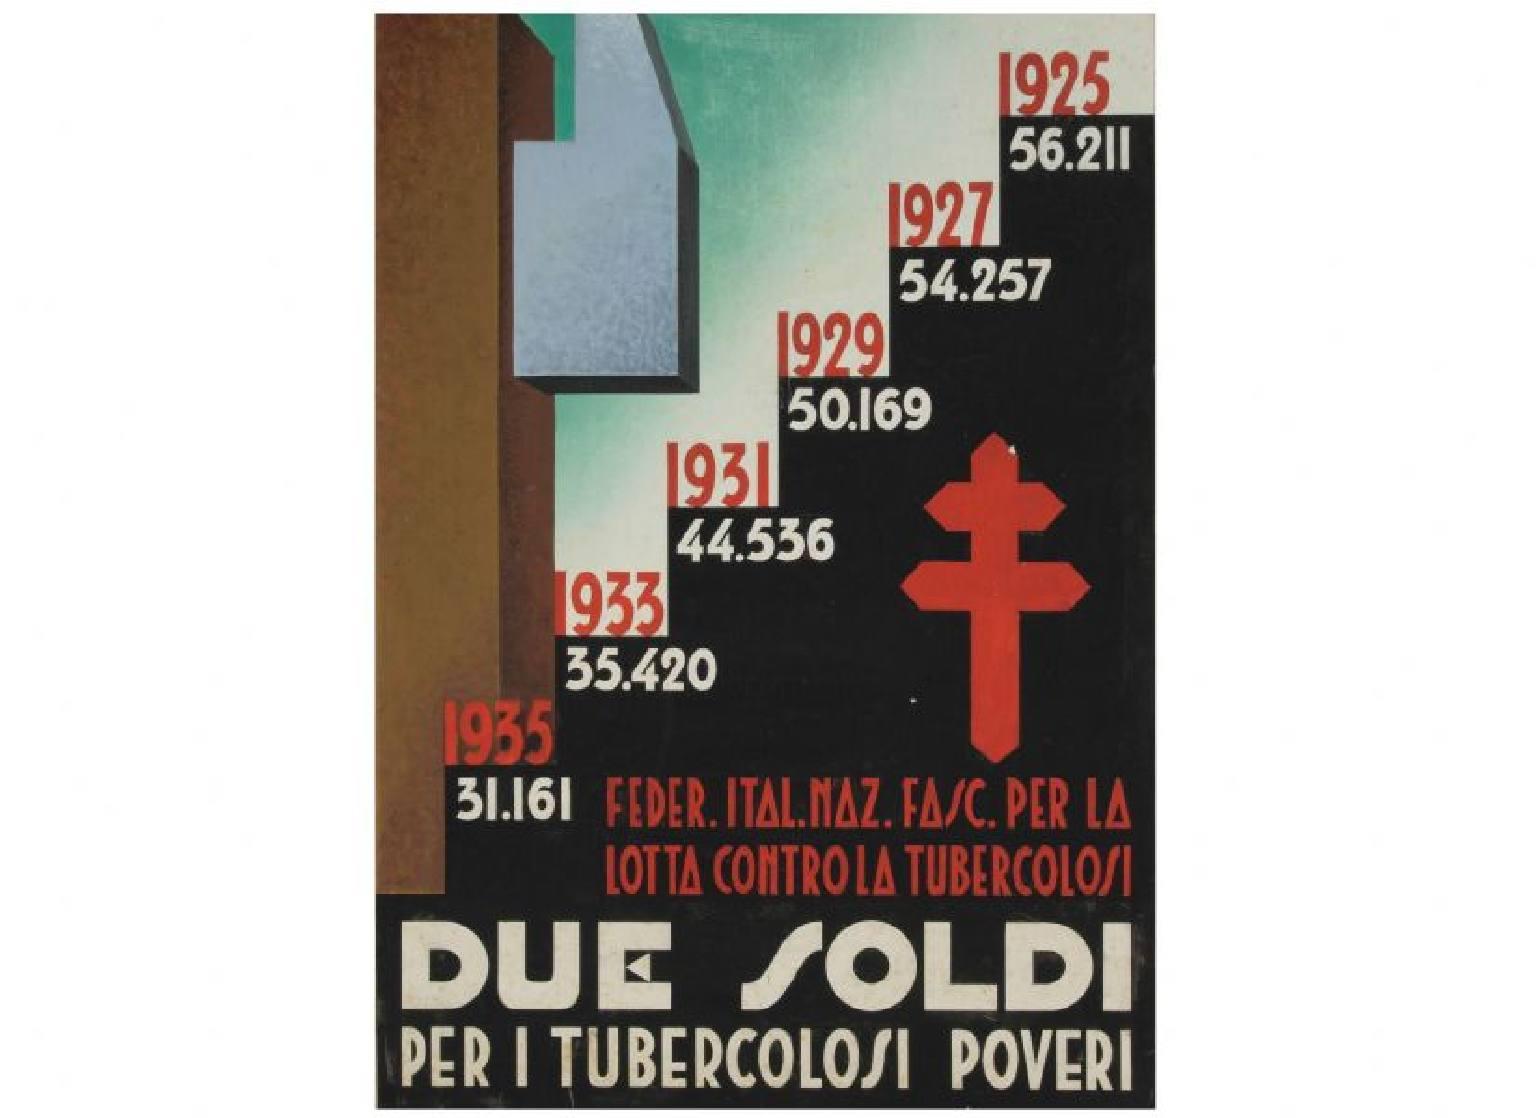 Strumenti medici d'epoca/1607-Bozzetto antico 1930